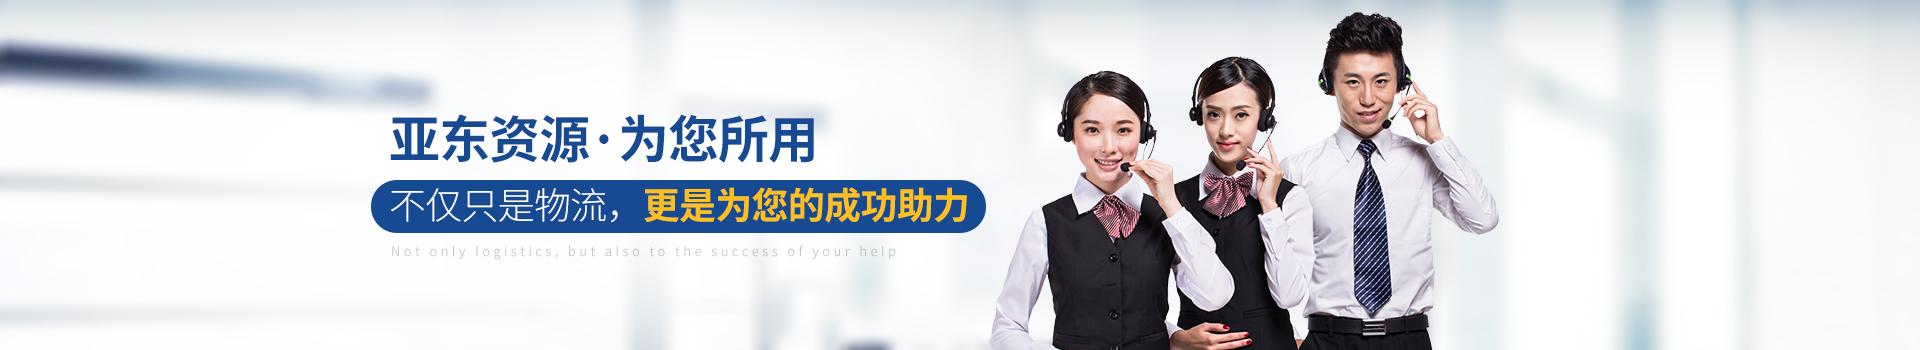 亚东供应链-亚东资源·为您所用